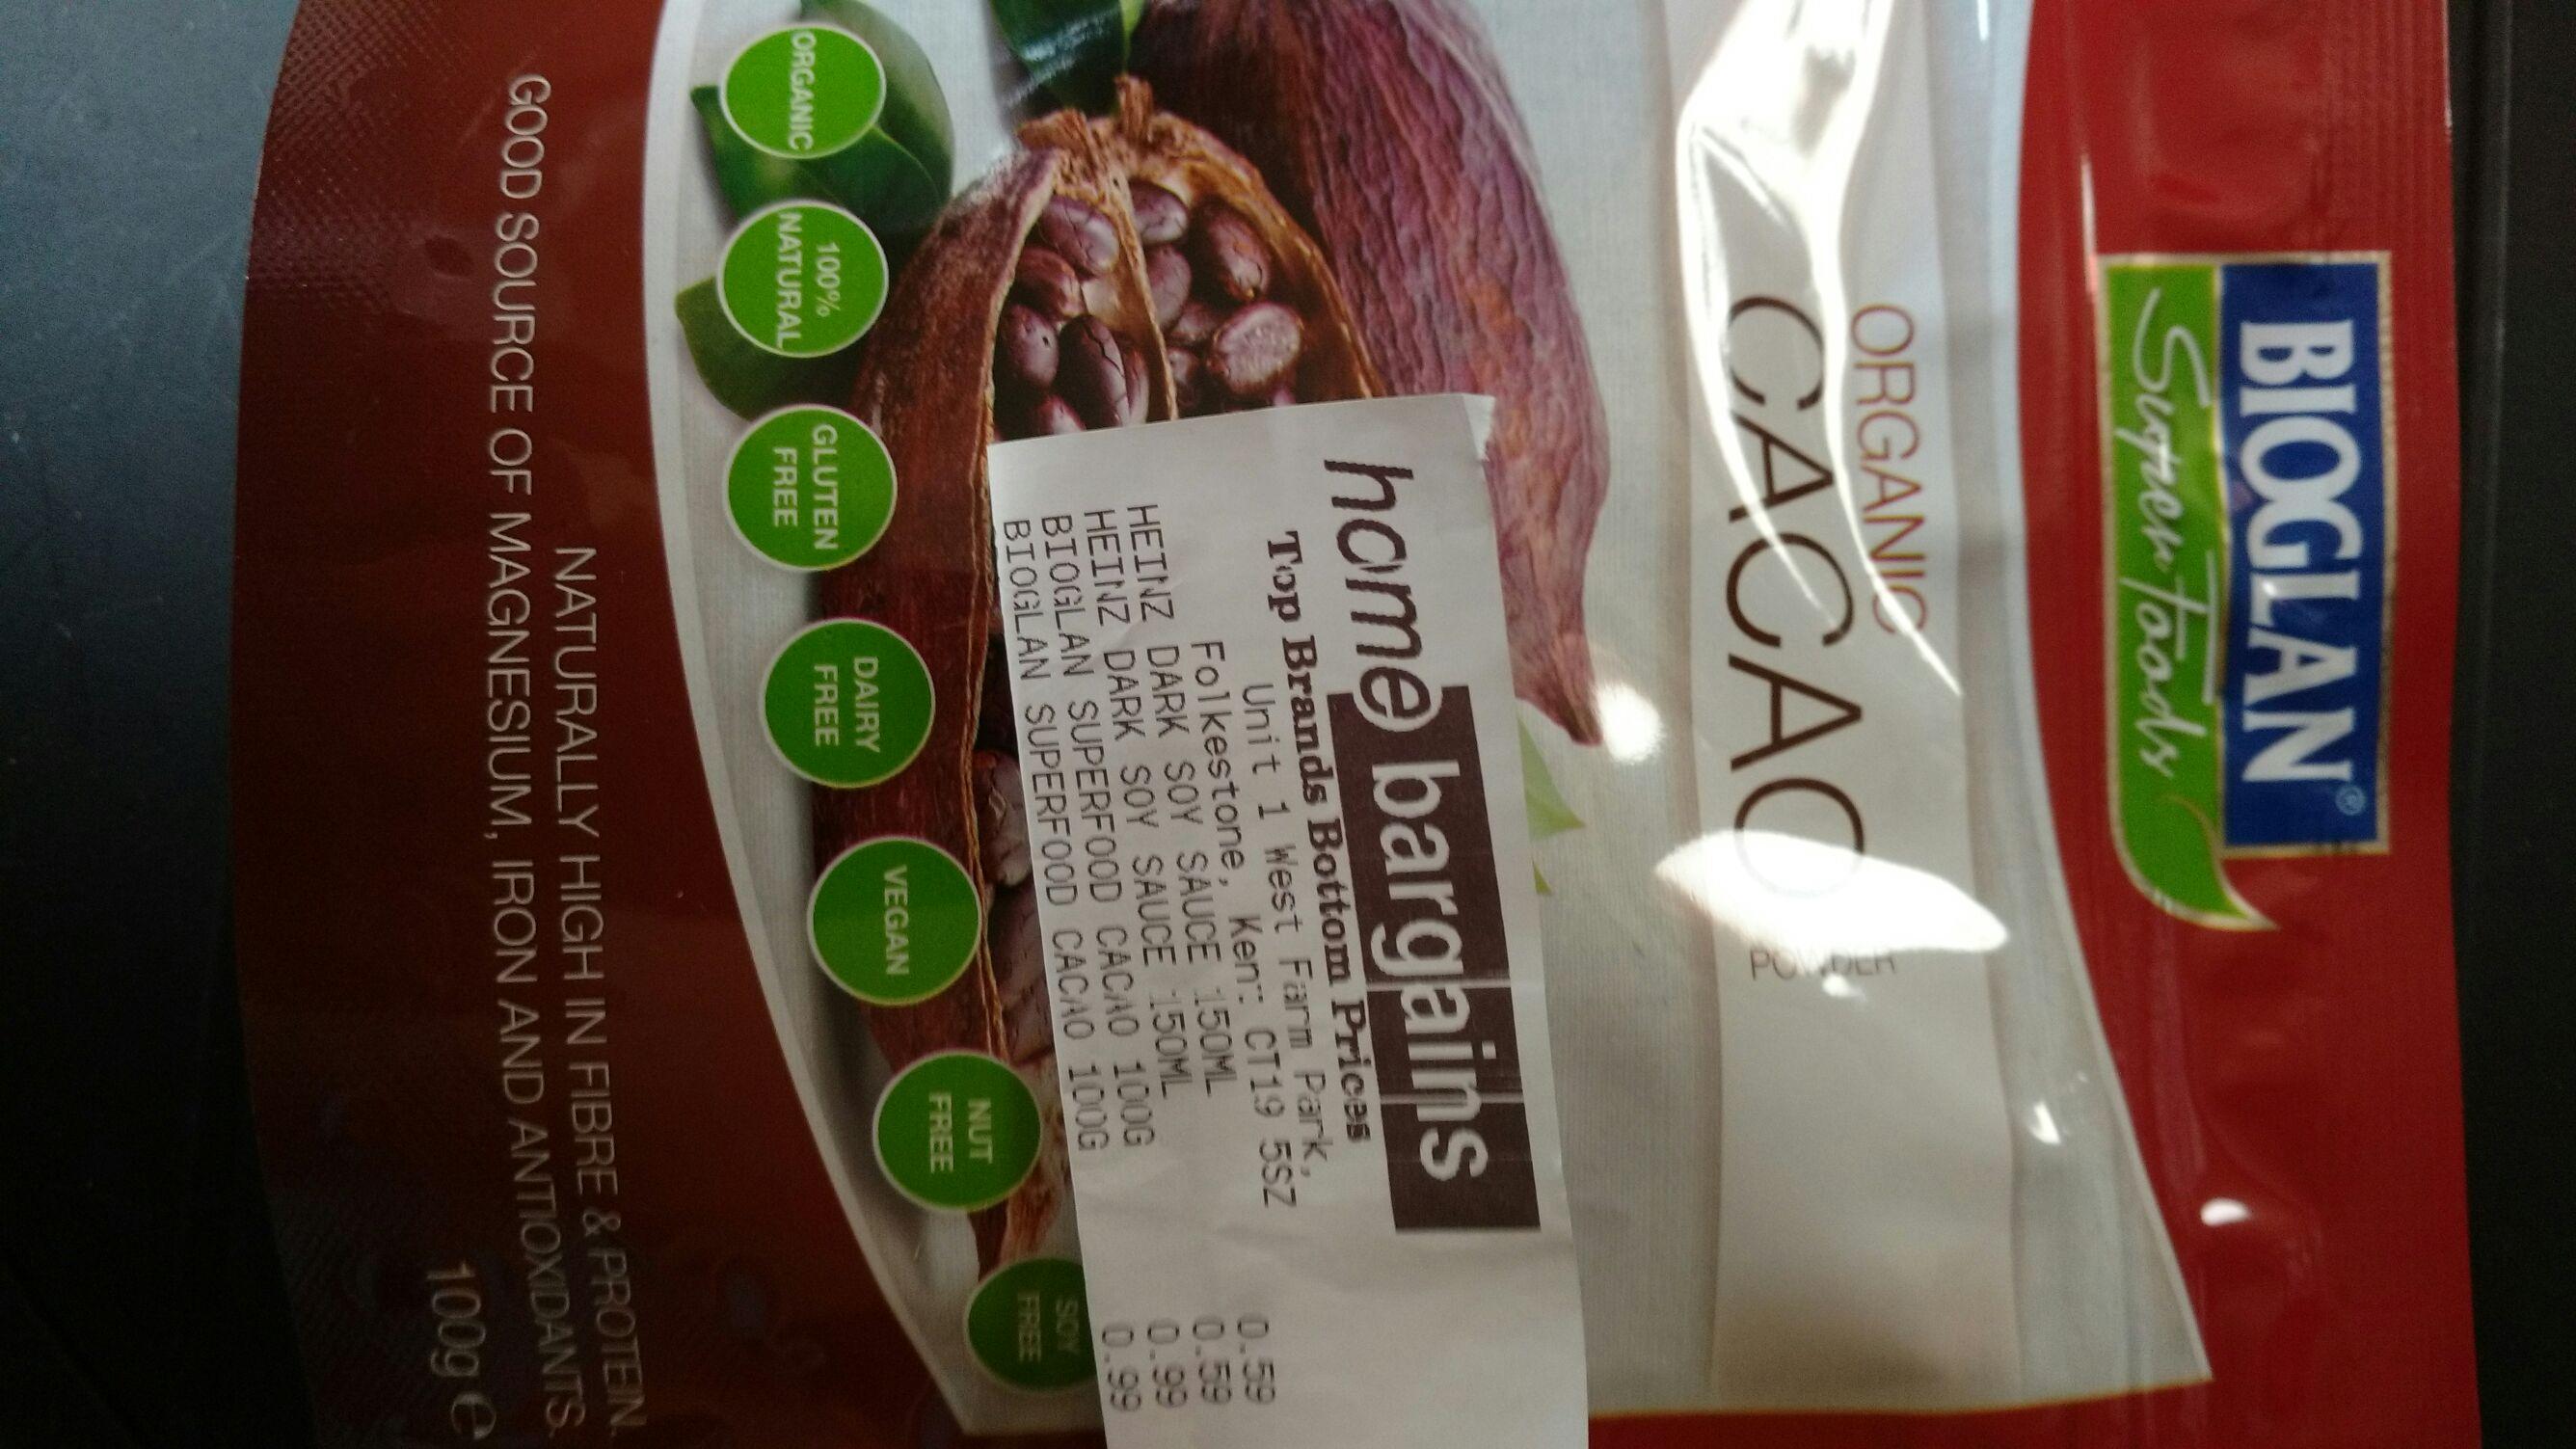 Bioglan Organic Cacao (100g) for 99p @ Home Bargains Folkestone